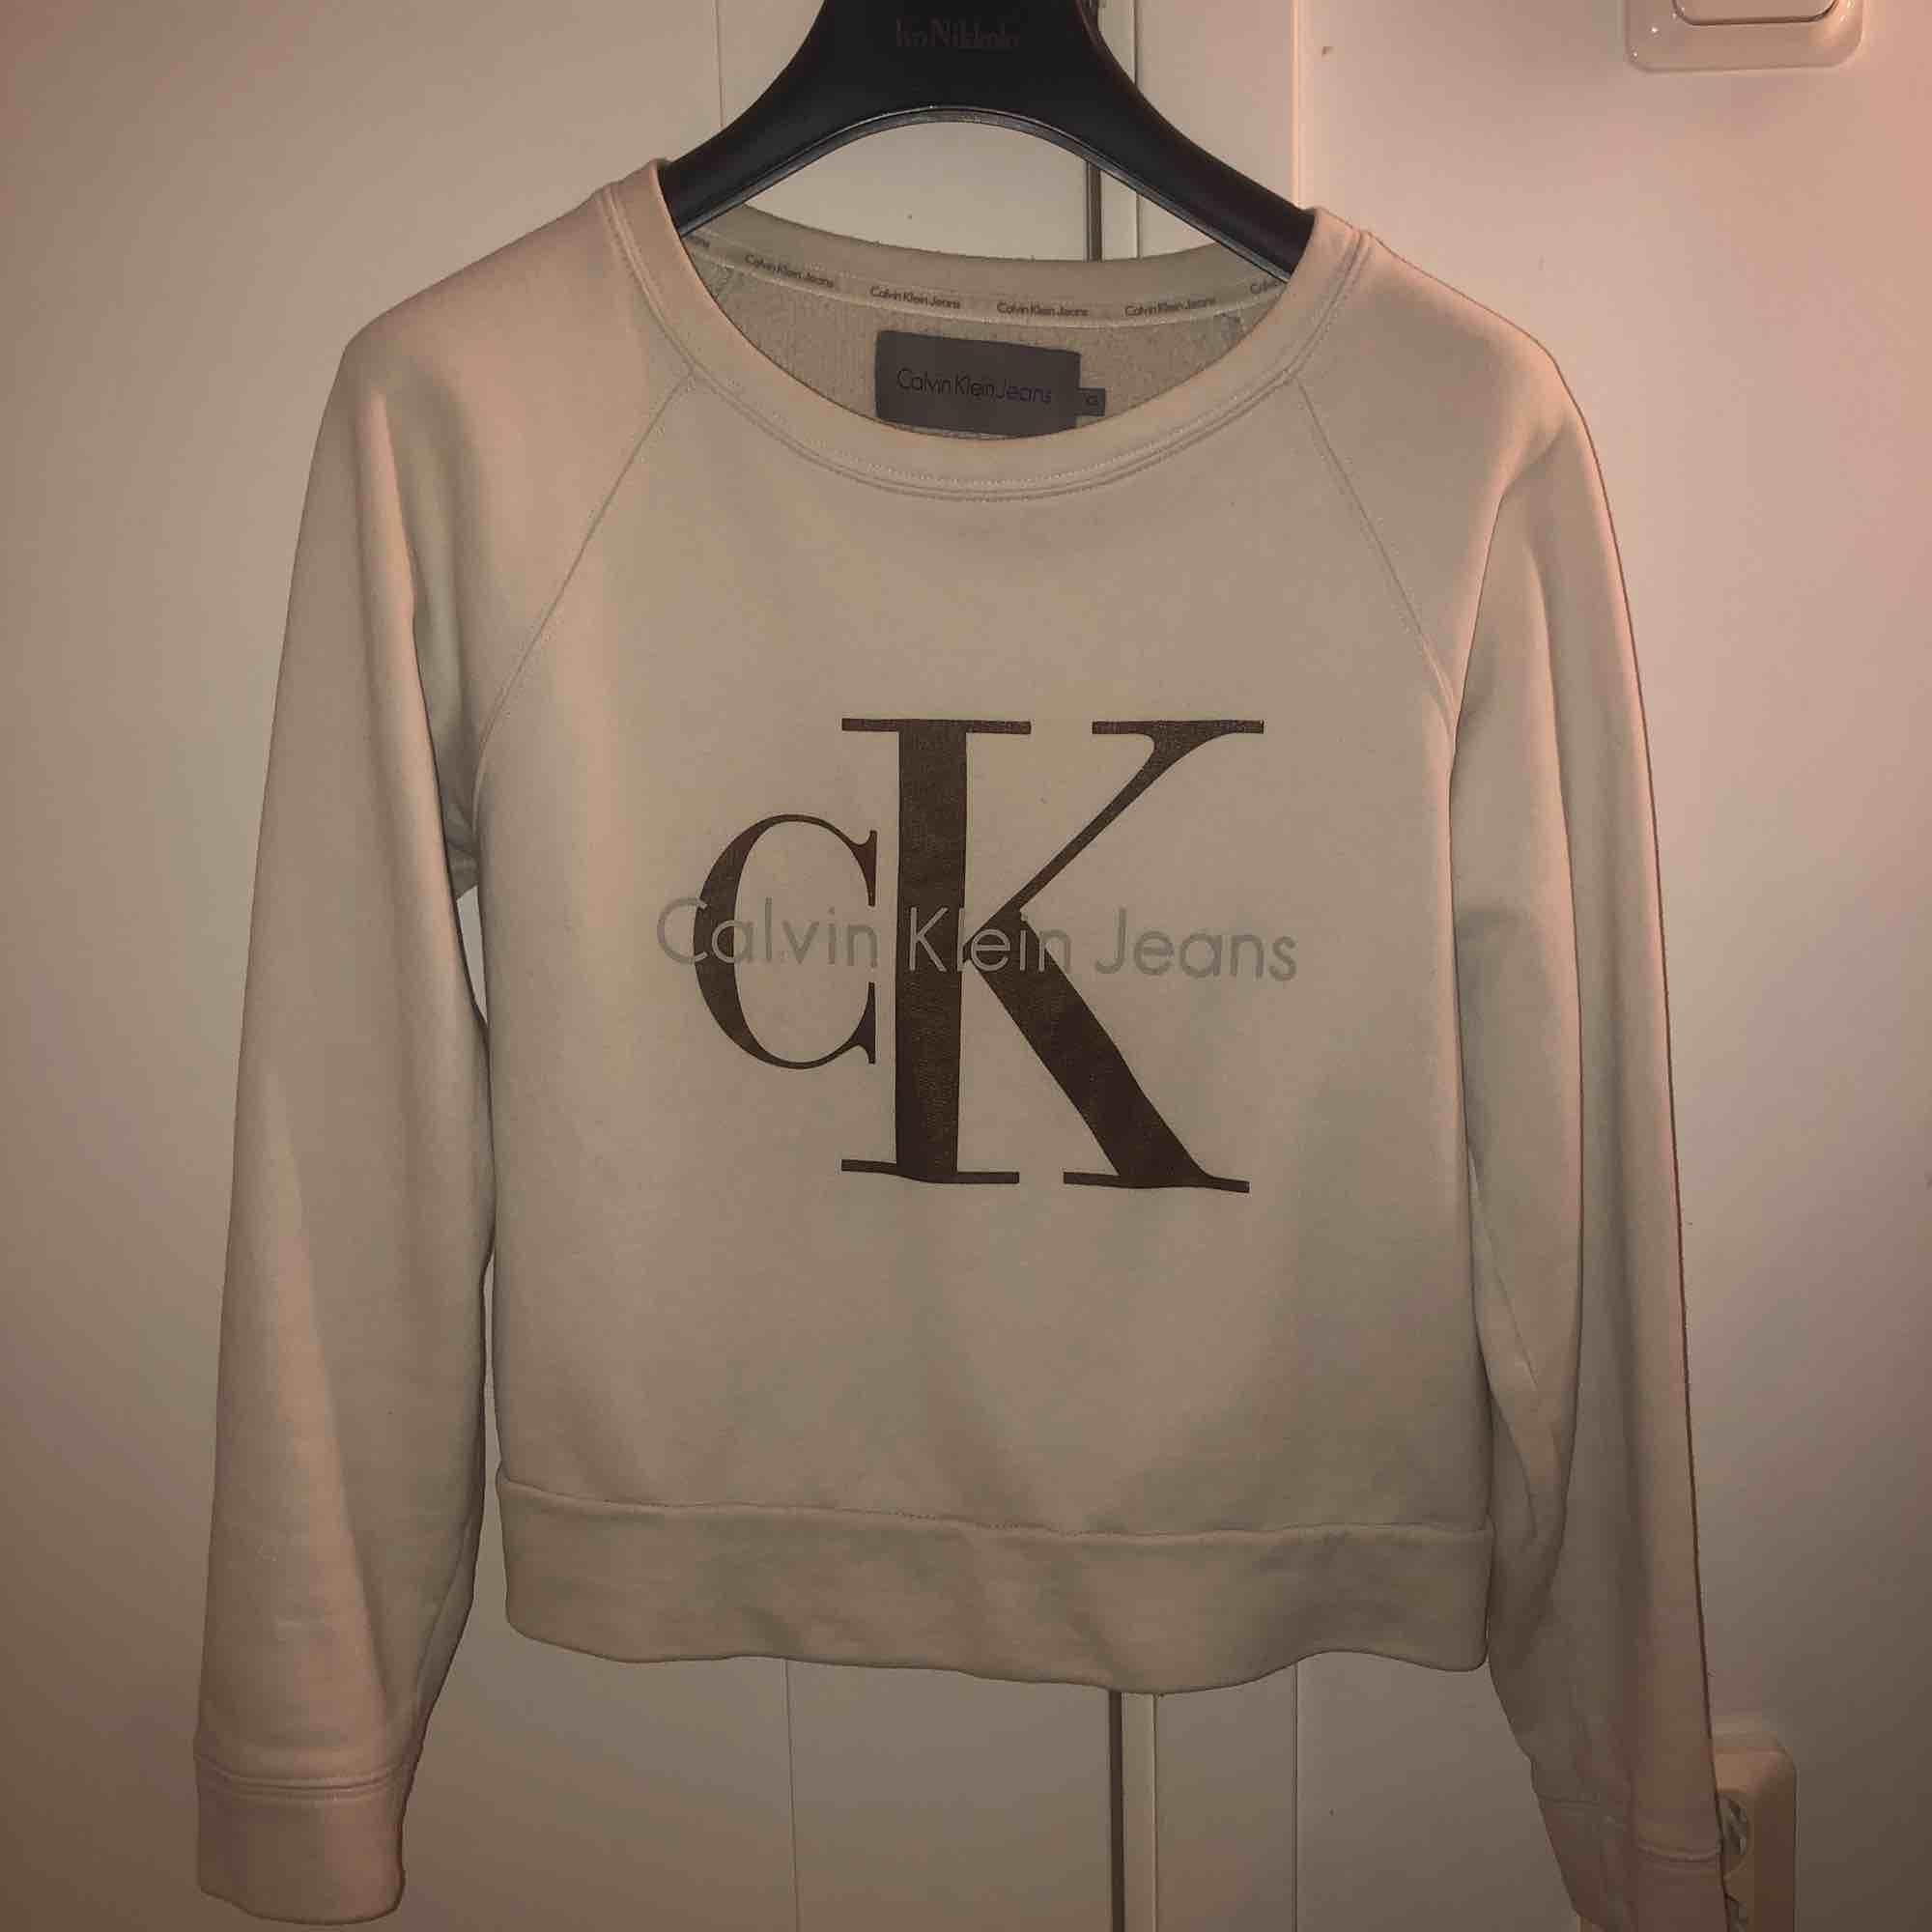 Calvin Klein tröja, väldigt mjuk och trycket är i brons. Ny pris 1200. Huvtröjor & Träningströjor.